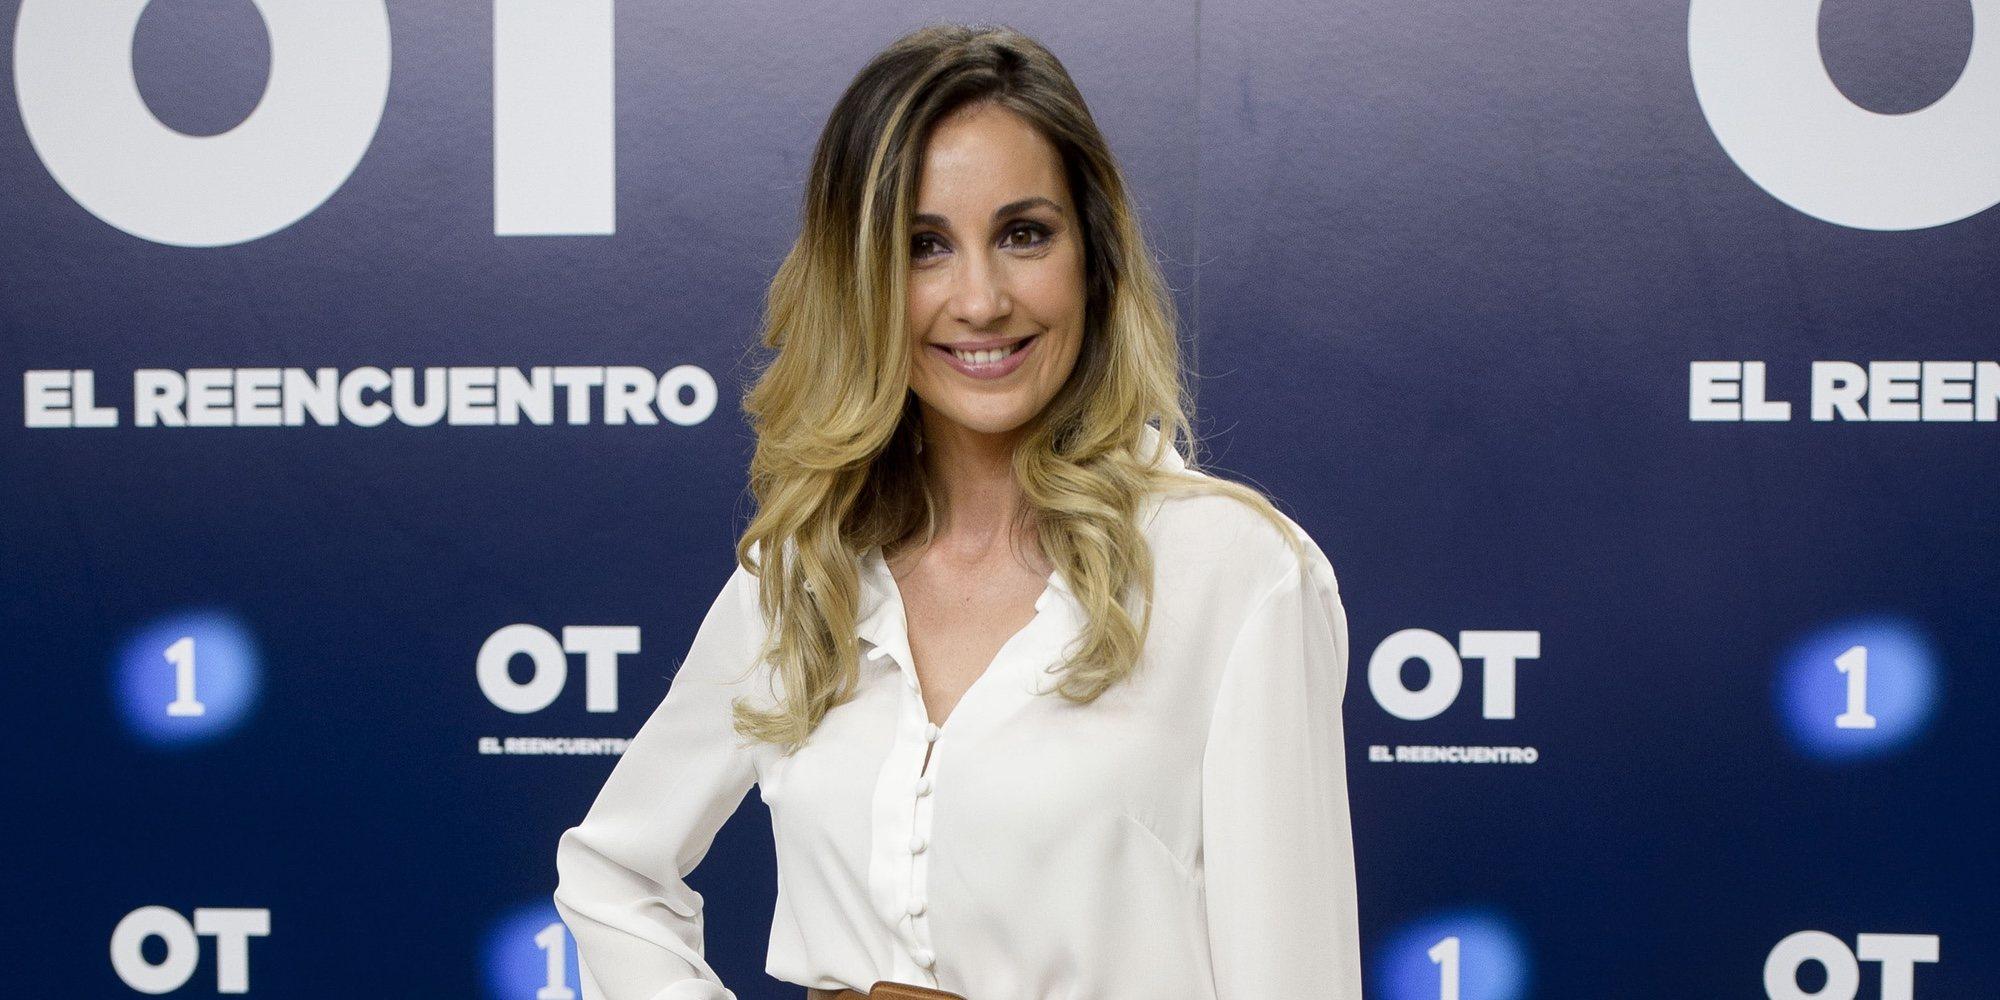 """Mireia Montávez ('OT 1') revela que sufre fibromialgia: """"Me causa muchos dolores en el cuello y la espalda"""""""